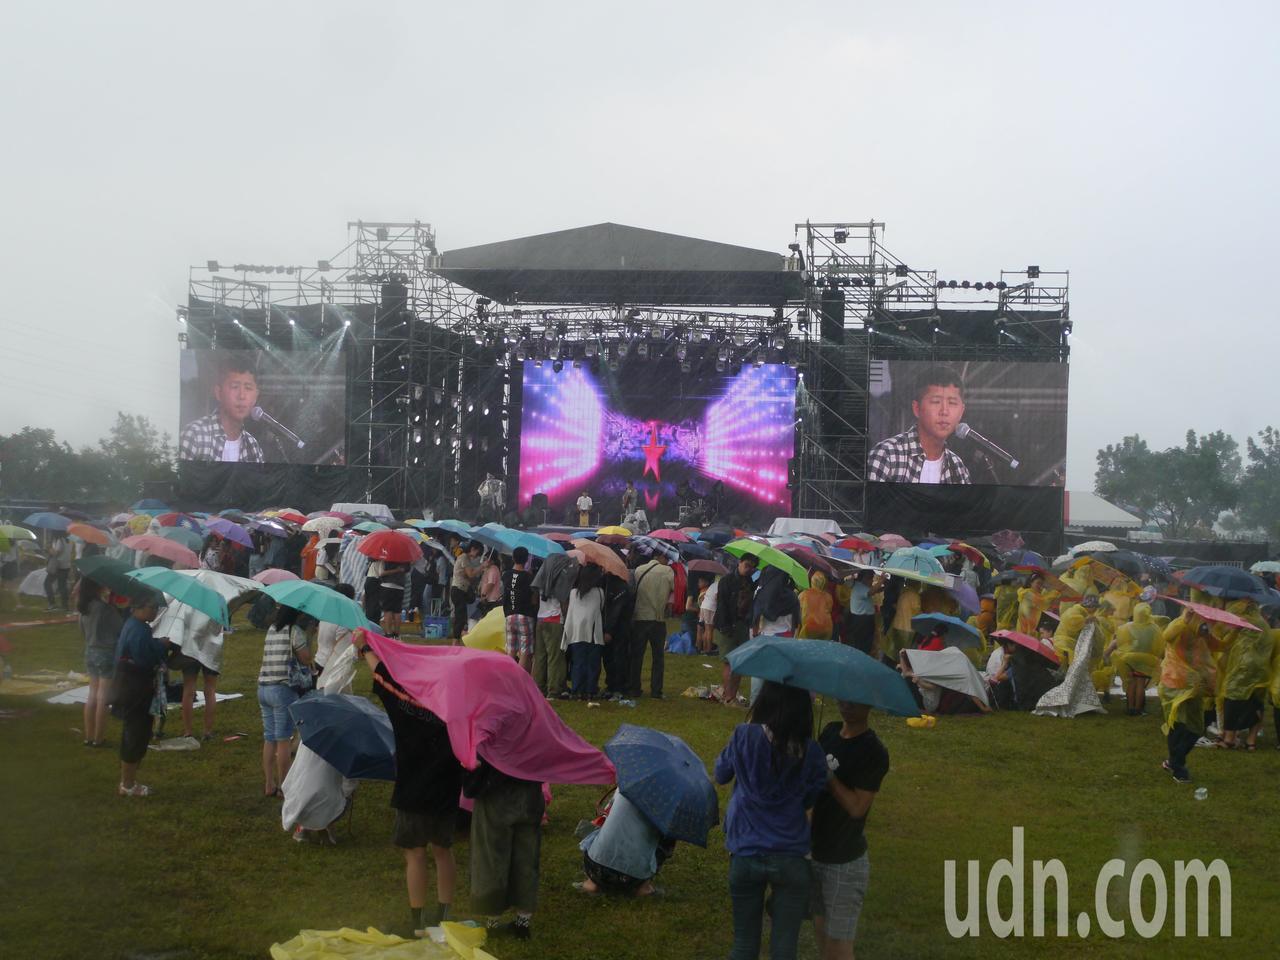 高雄大樹「舊鐵橋草地音樂會」開唱,突然下起大雨,仍有不少觀眾聚在舞台前聽歌。記者...